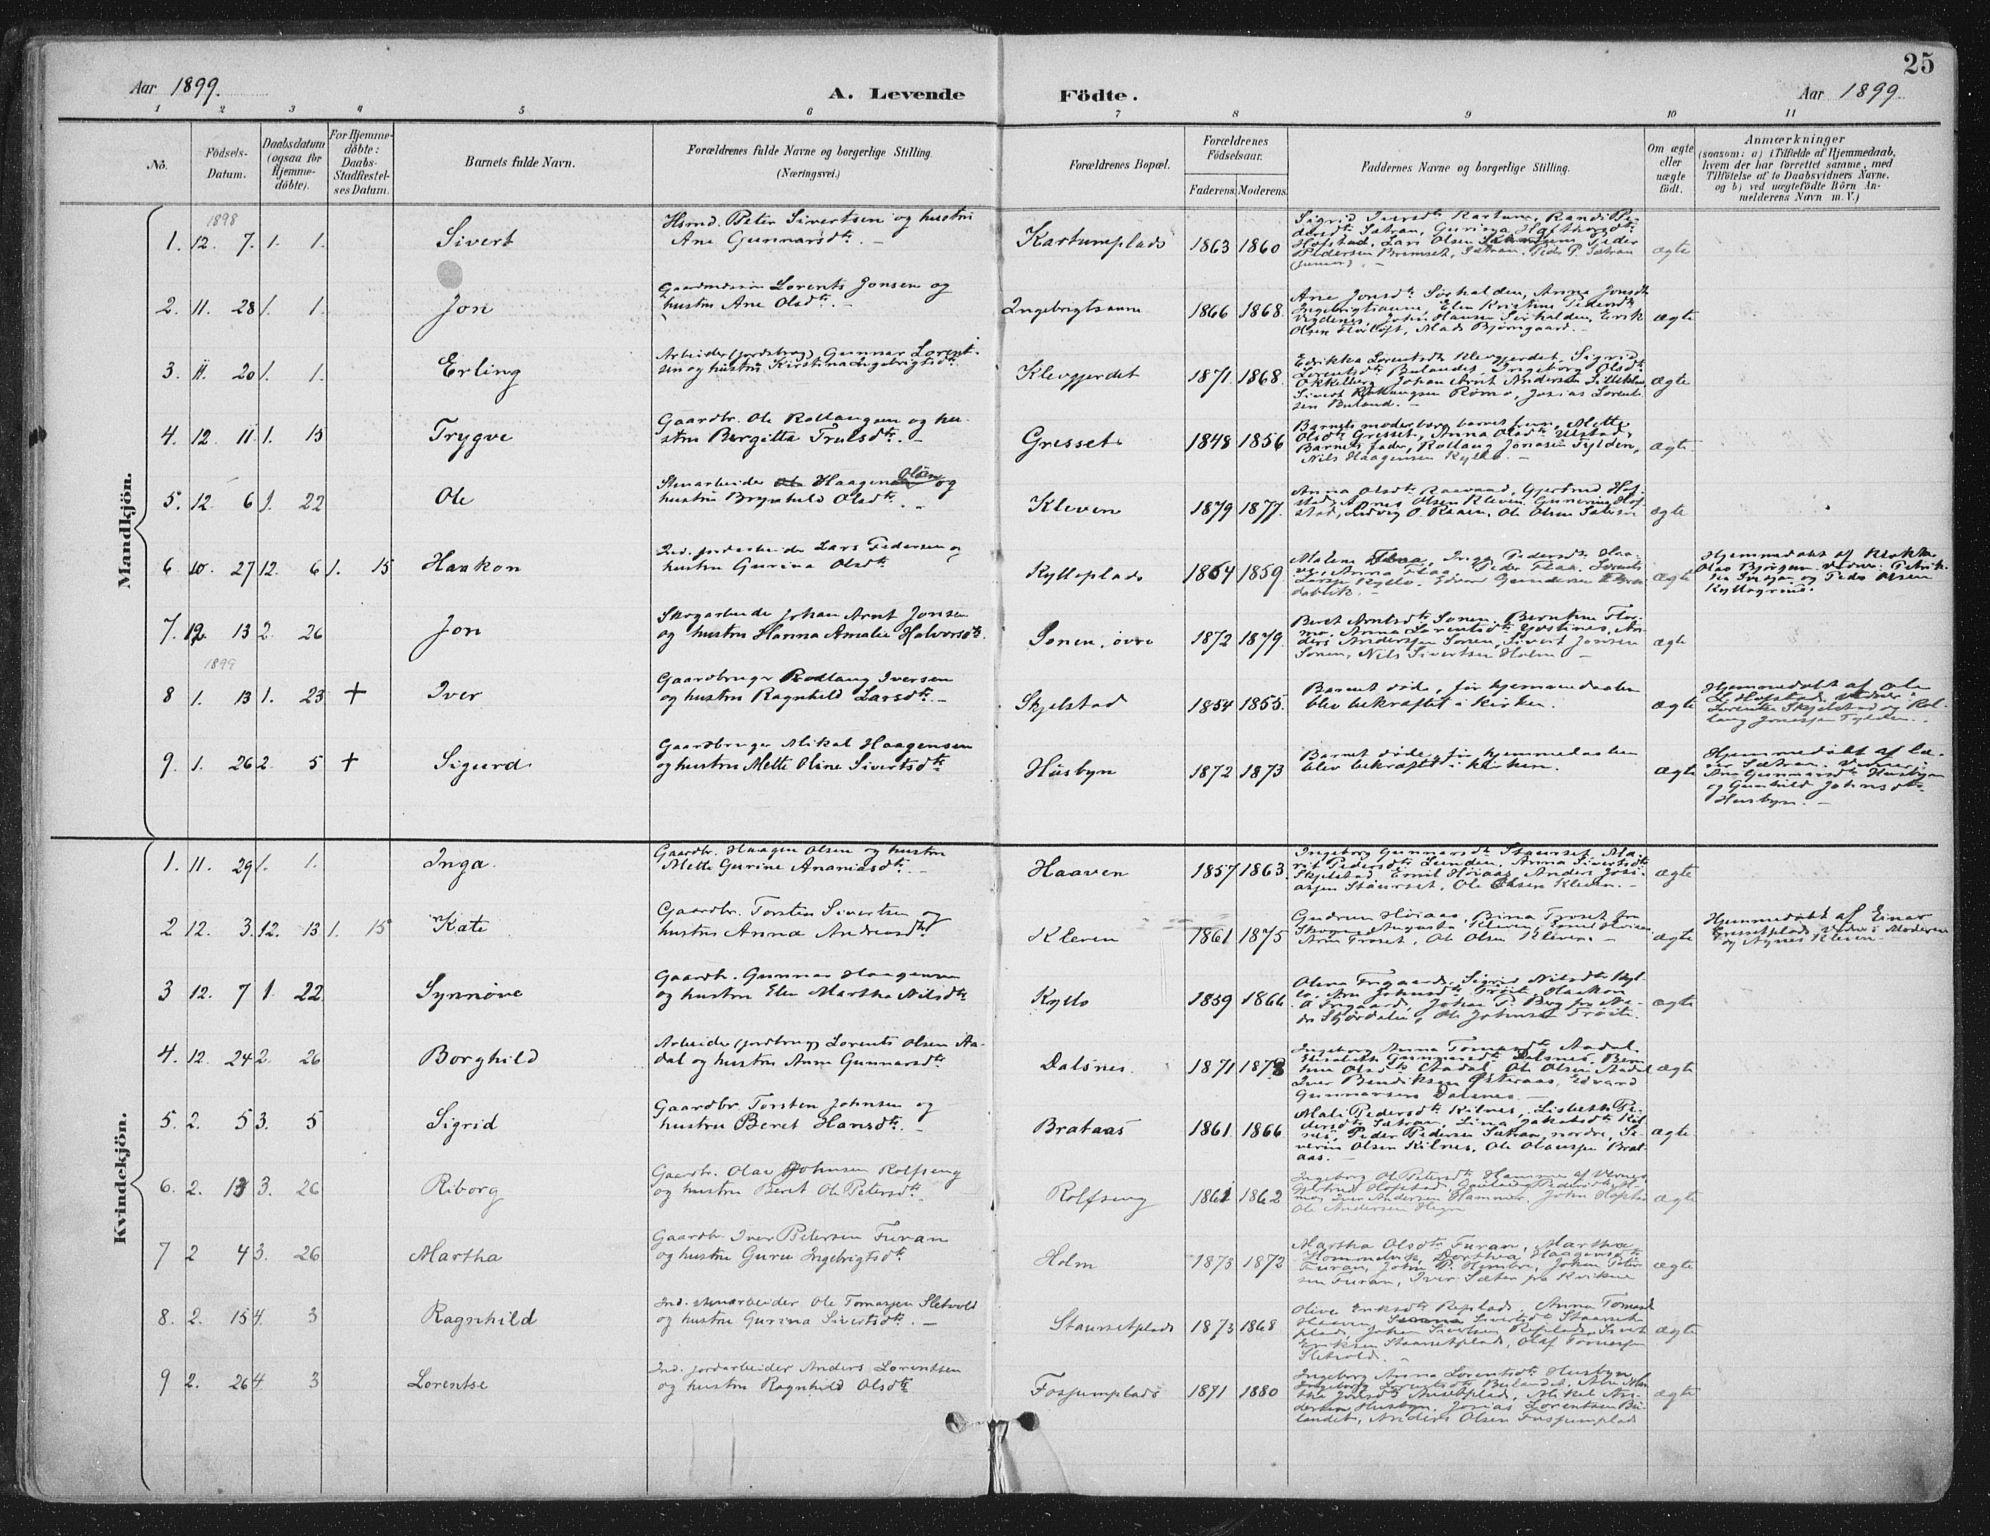 SAT, Ministerialprotokoller, klokkerbøker og fødselsregistre - Nord-Trøndelag, 703/L0031: Ministerialbok nr. 703A04, 1893-1914, s. 25